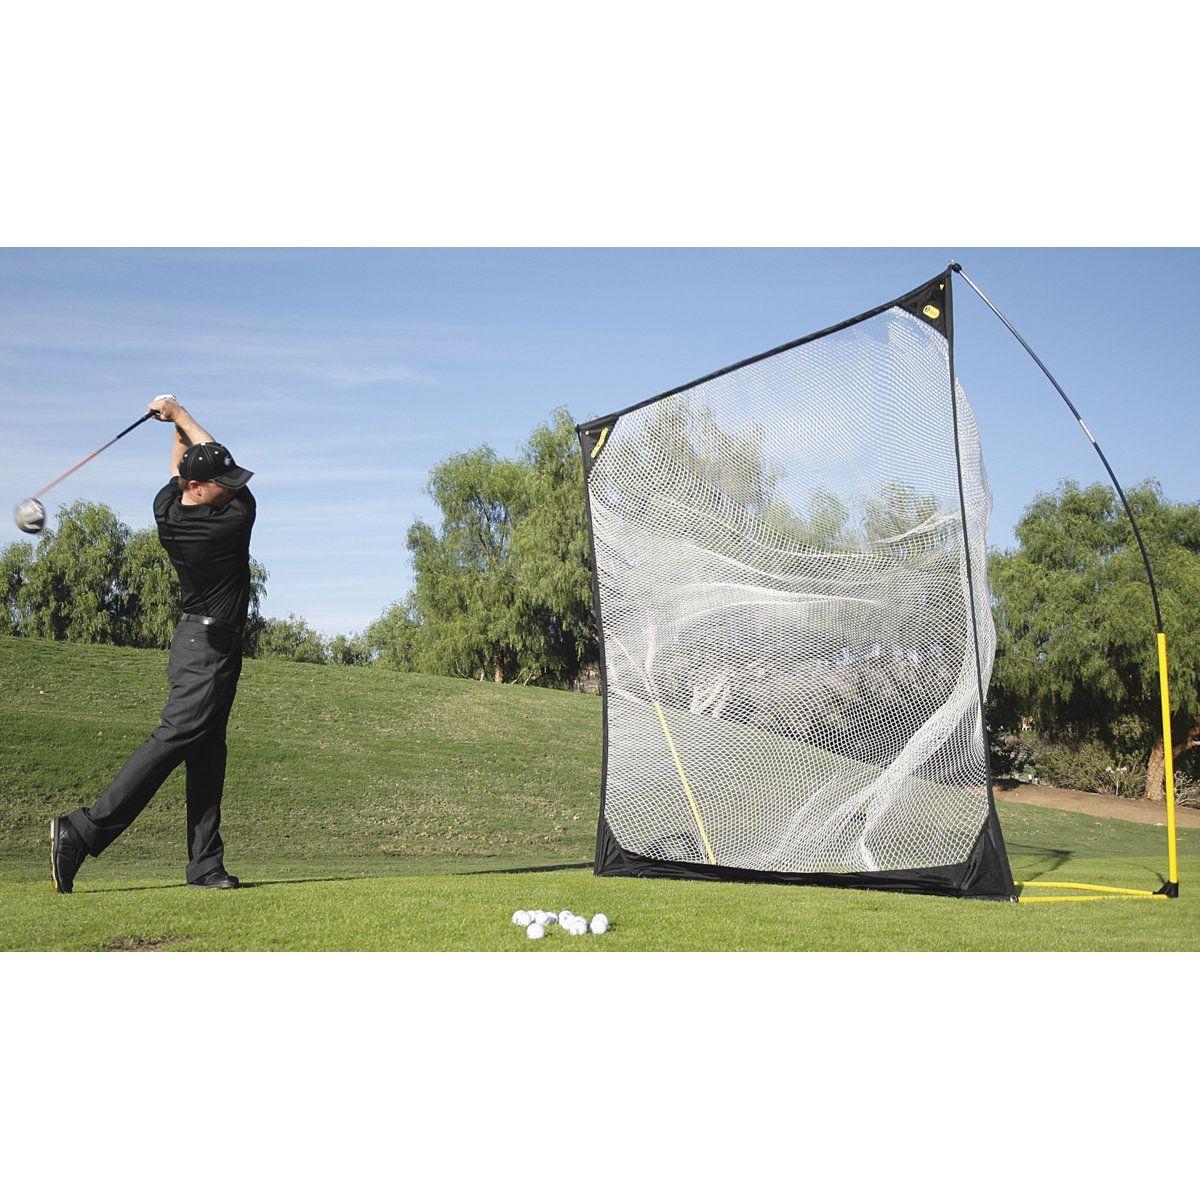 SKLZ Quickster UltraPortable Quick SetUp Golf Net from